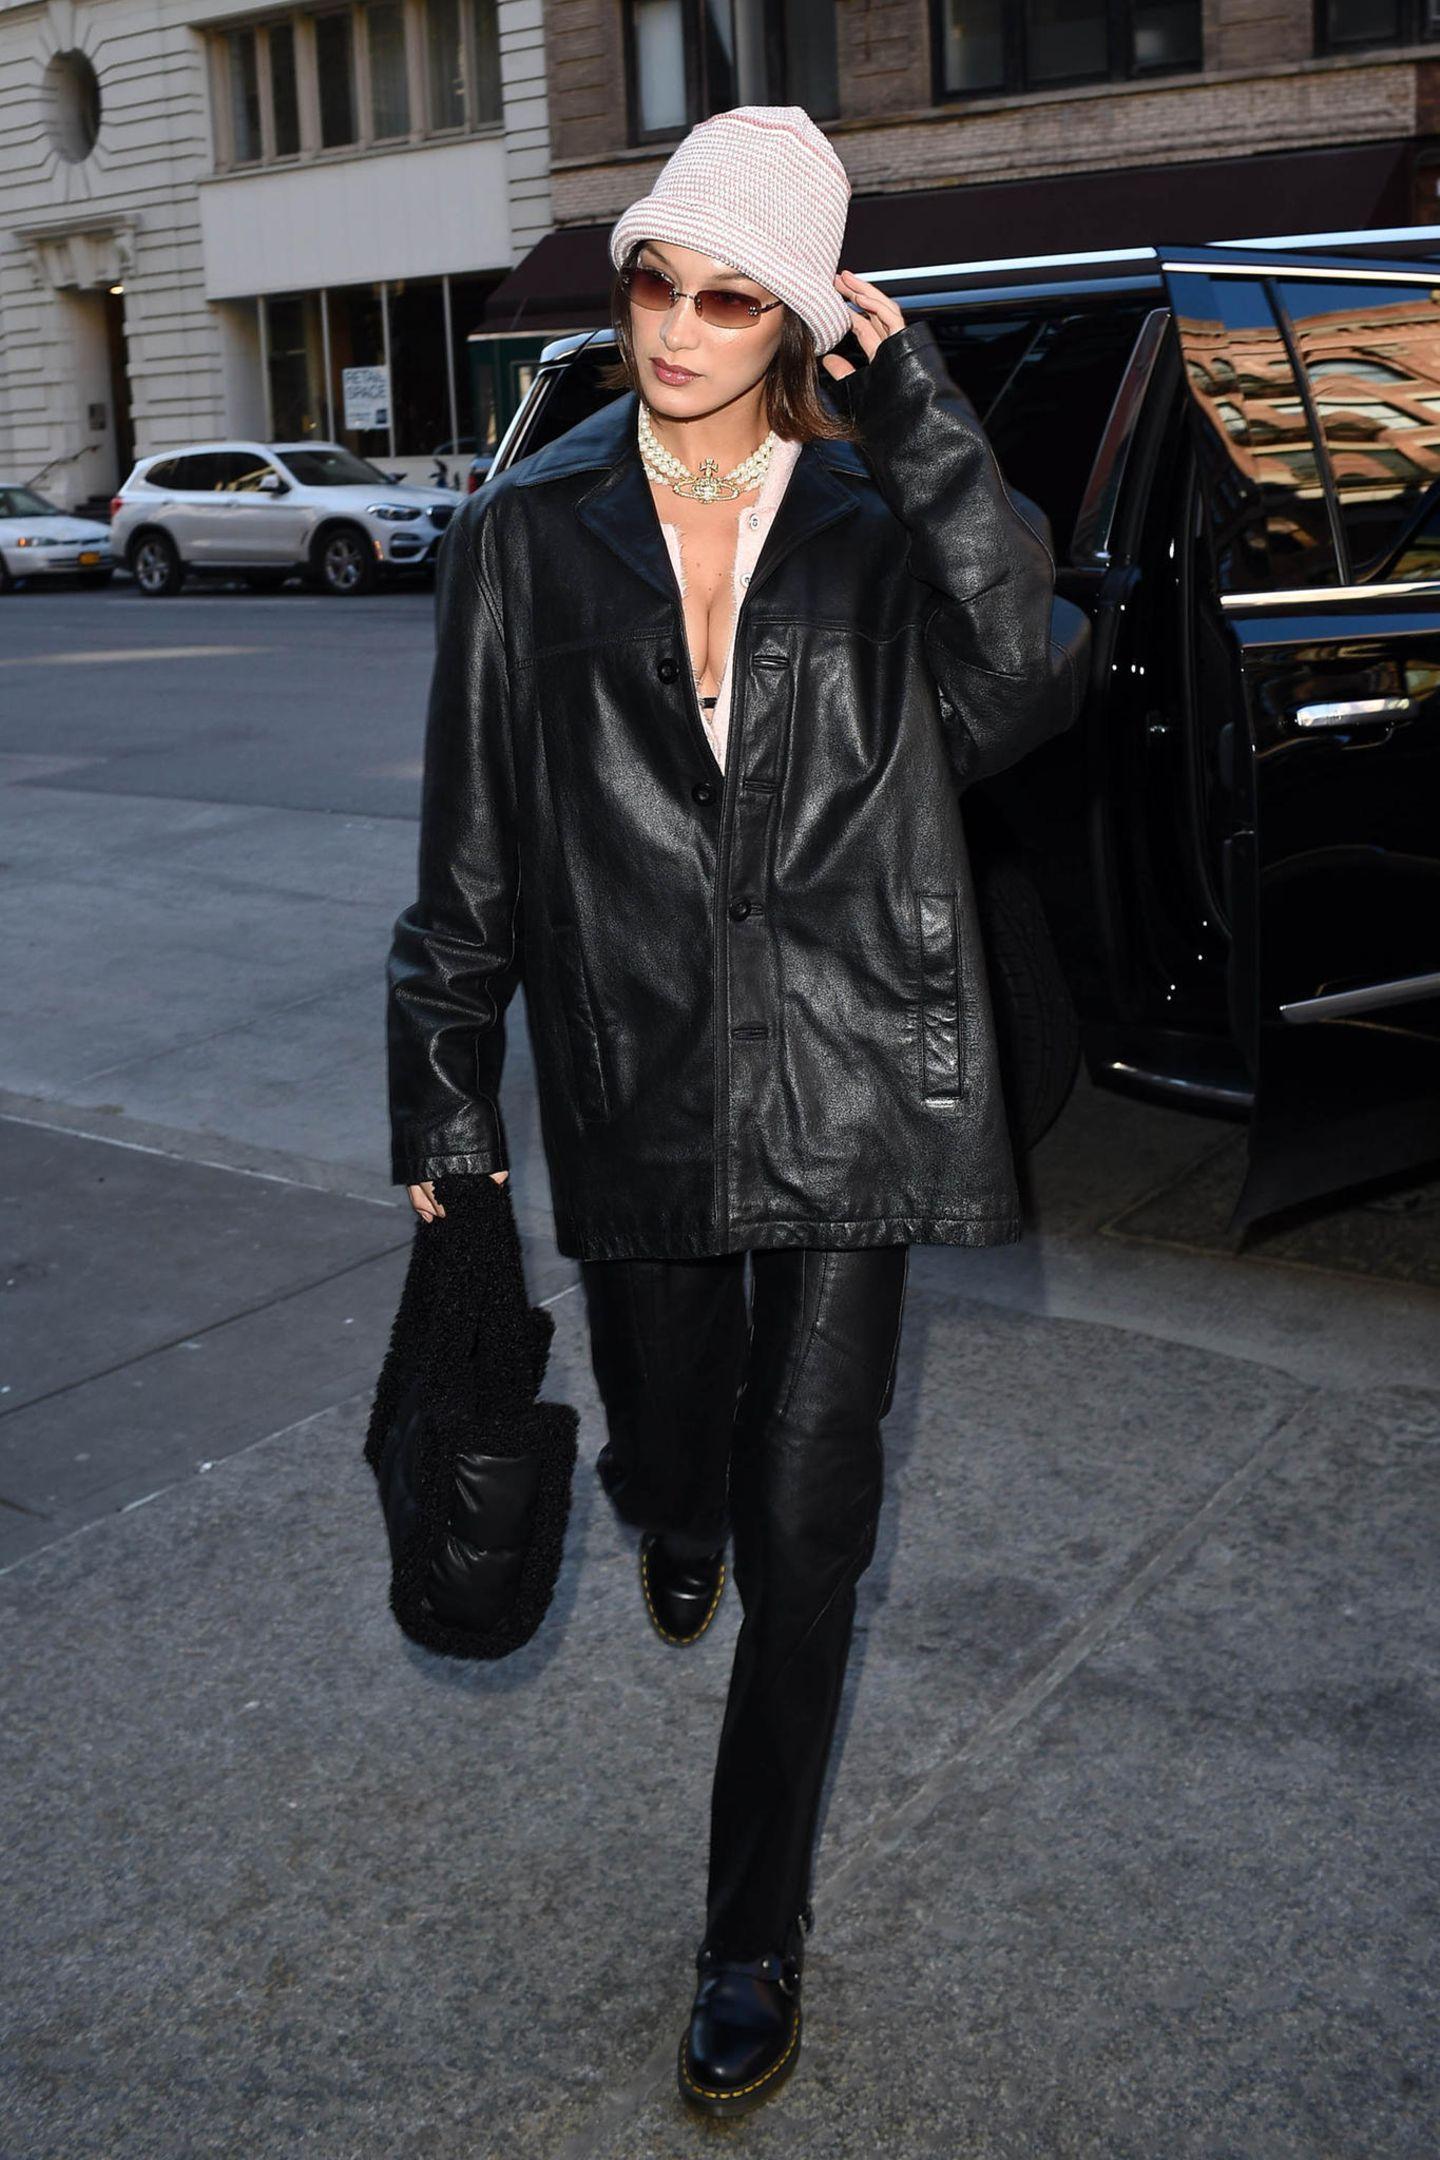 Black is beautiful - und Leder scheint sowieso immer zu gehen. Findet auch Bella Hadid, die neben den cremefarbenen Accessoires auch durch ihren Ausschnitt auf sich aufmerksam macht.